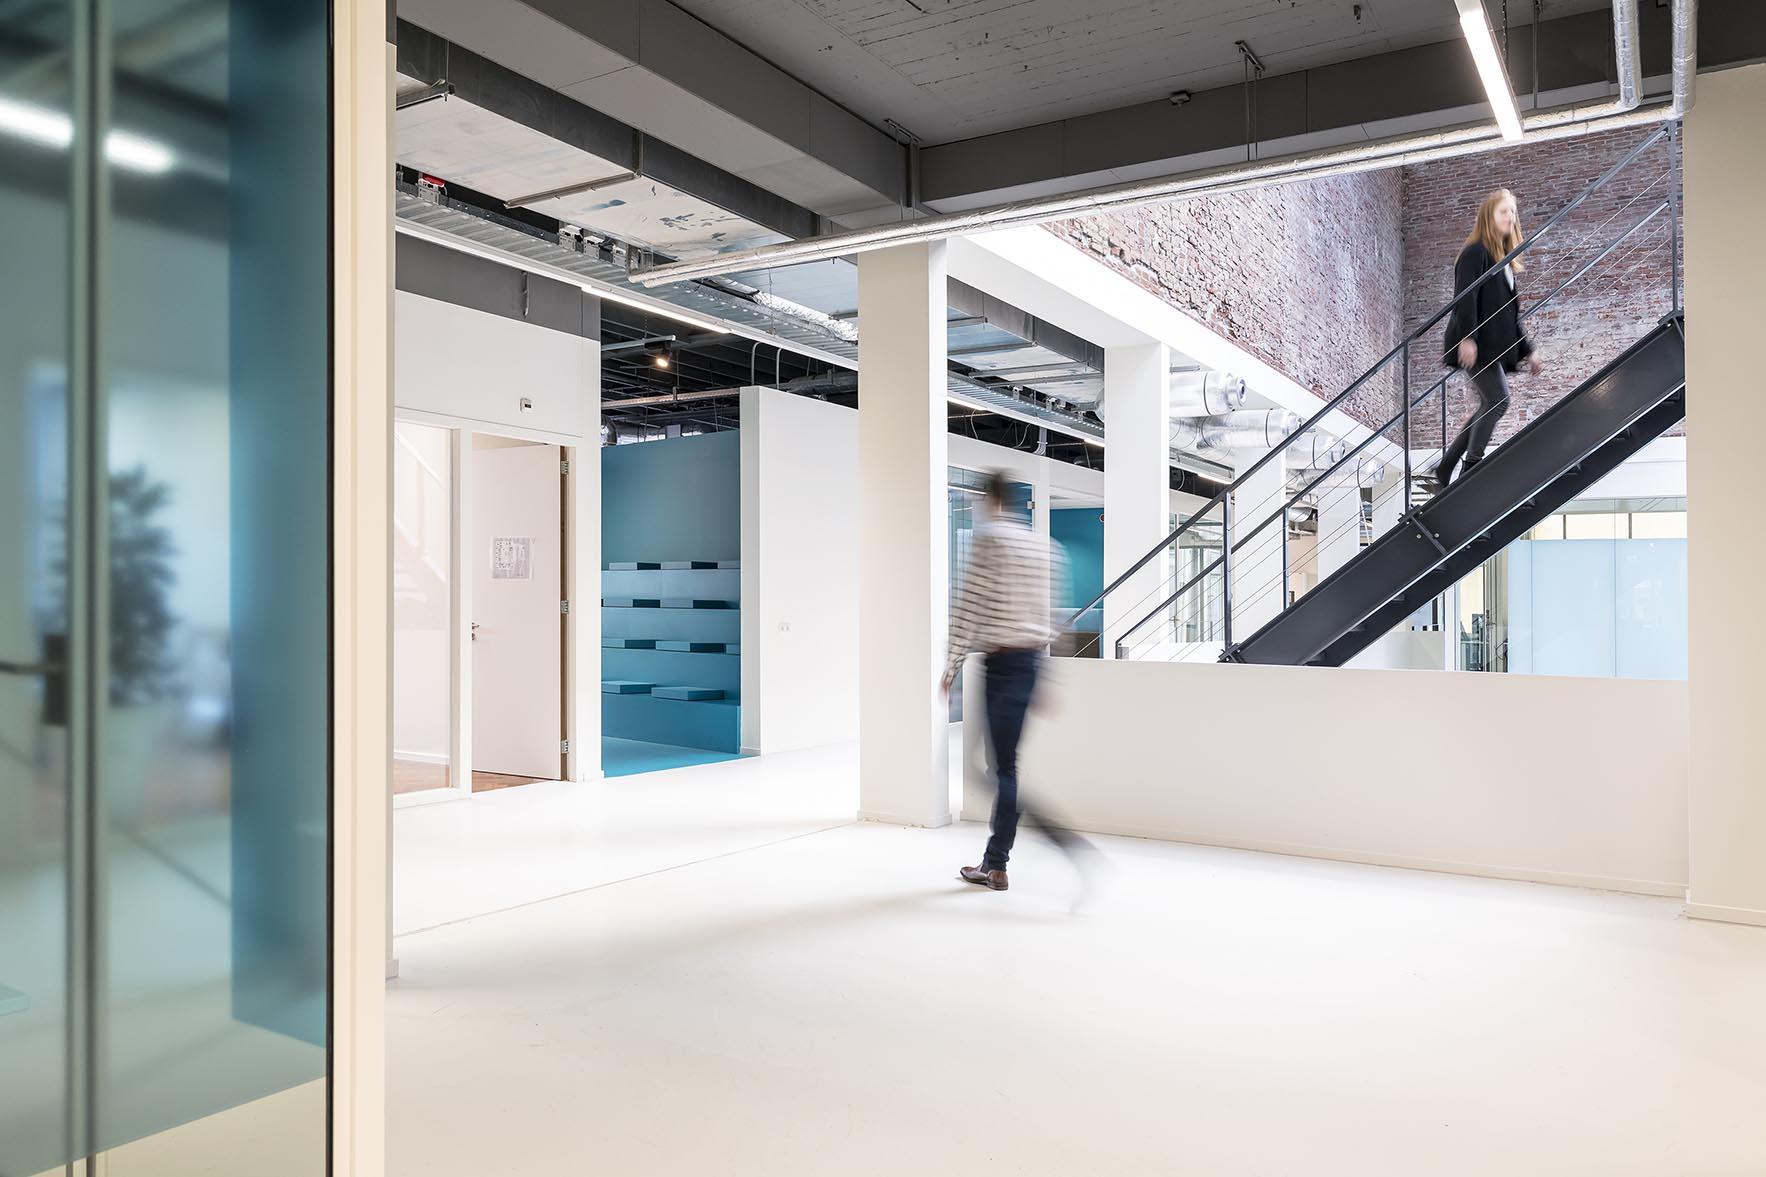 <p>Doorzicht atrium, fotografie Christiaan de Bruijne</p>